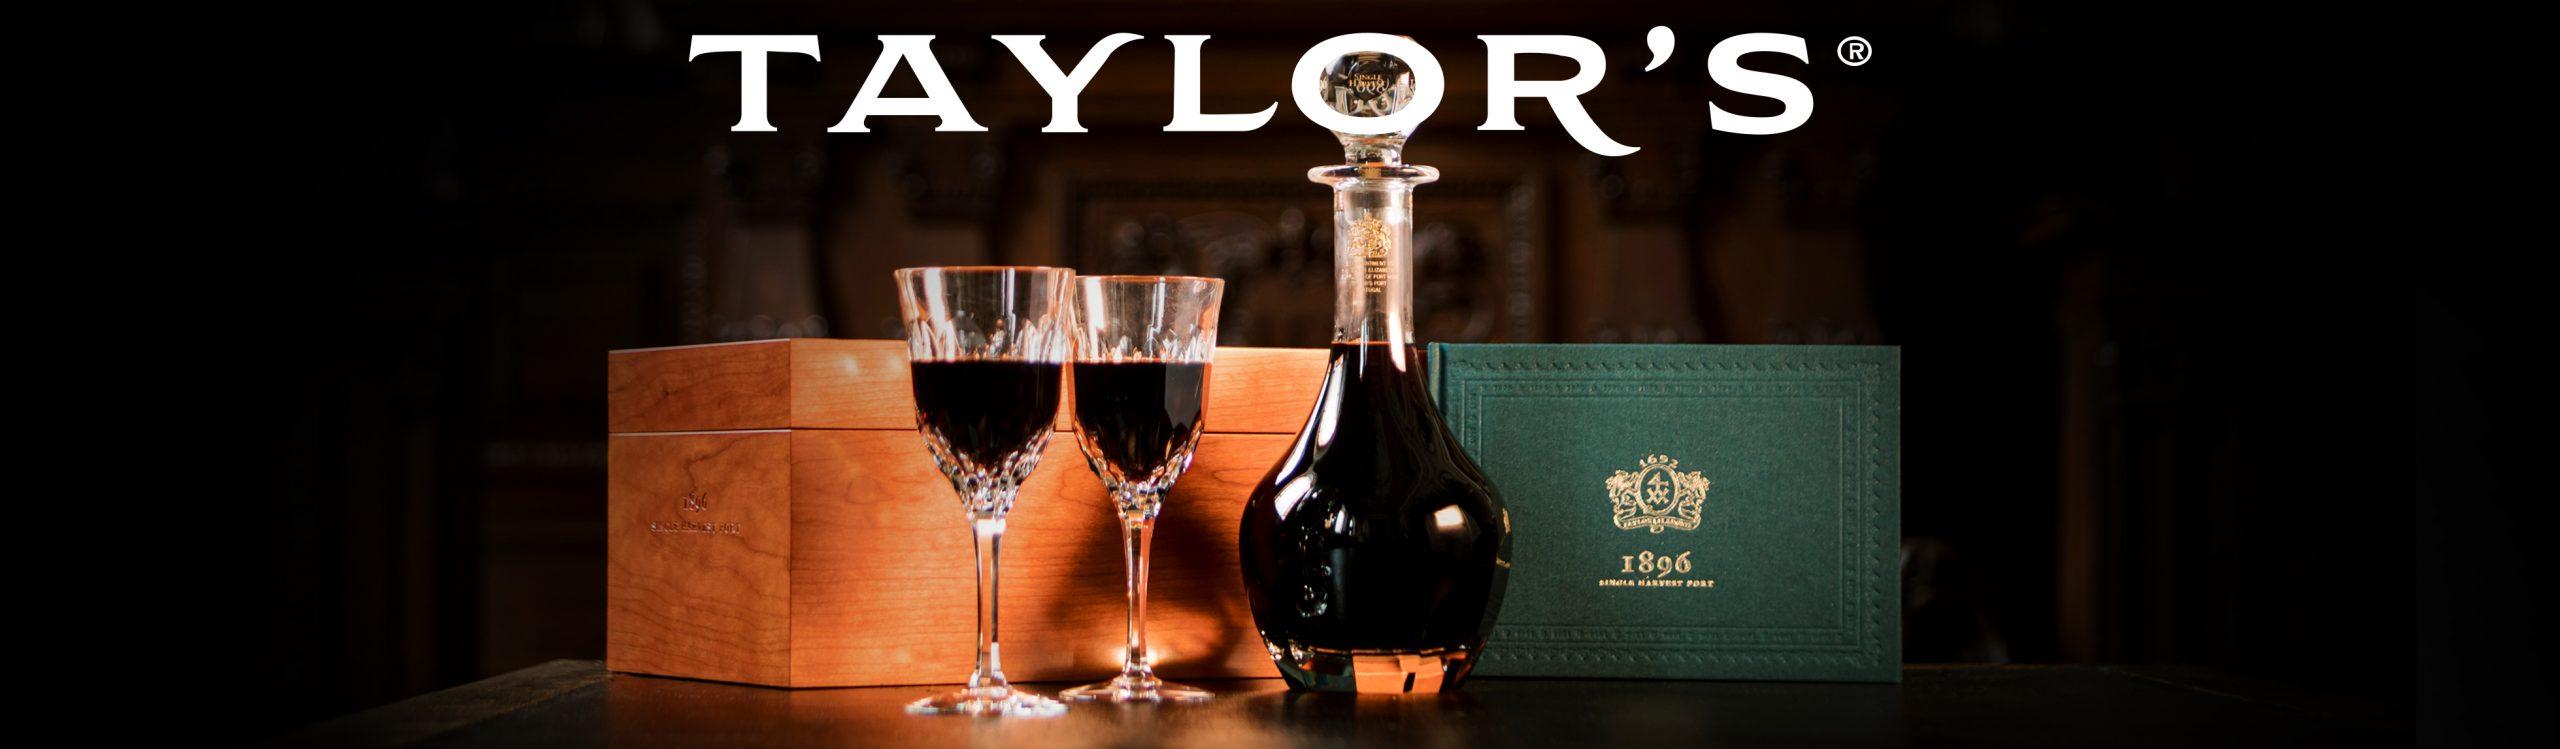 Taylor's brengt zeldzame 125 jaar oude Single Harvest Tawny Port uit